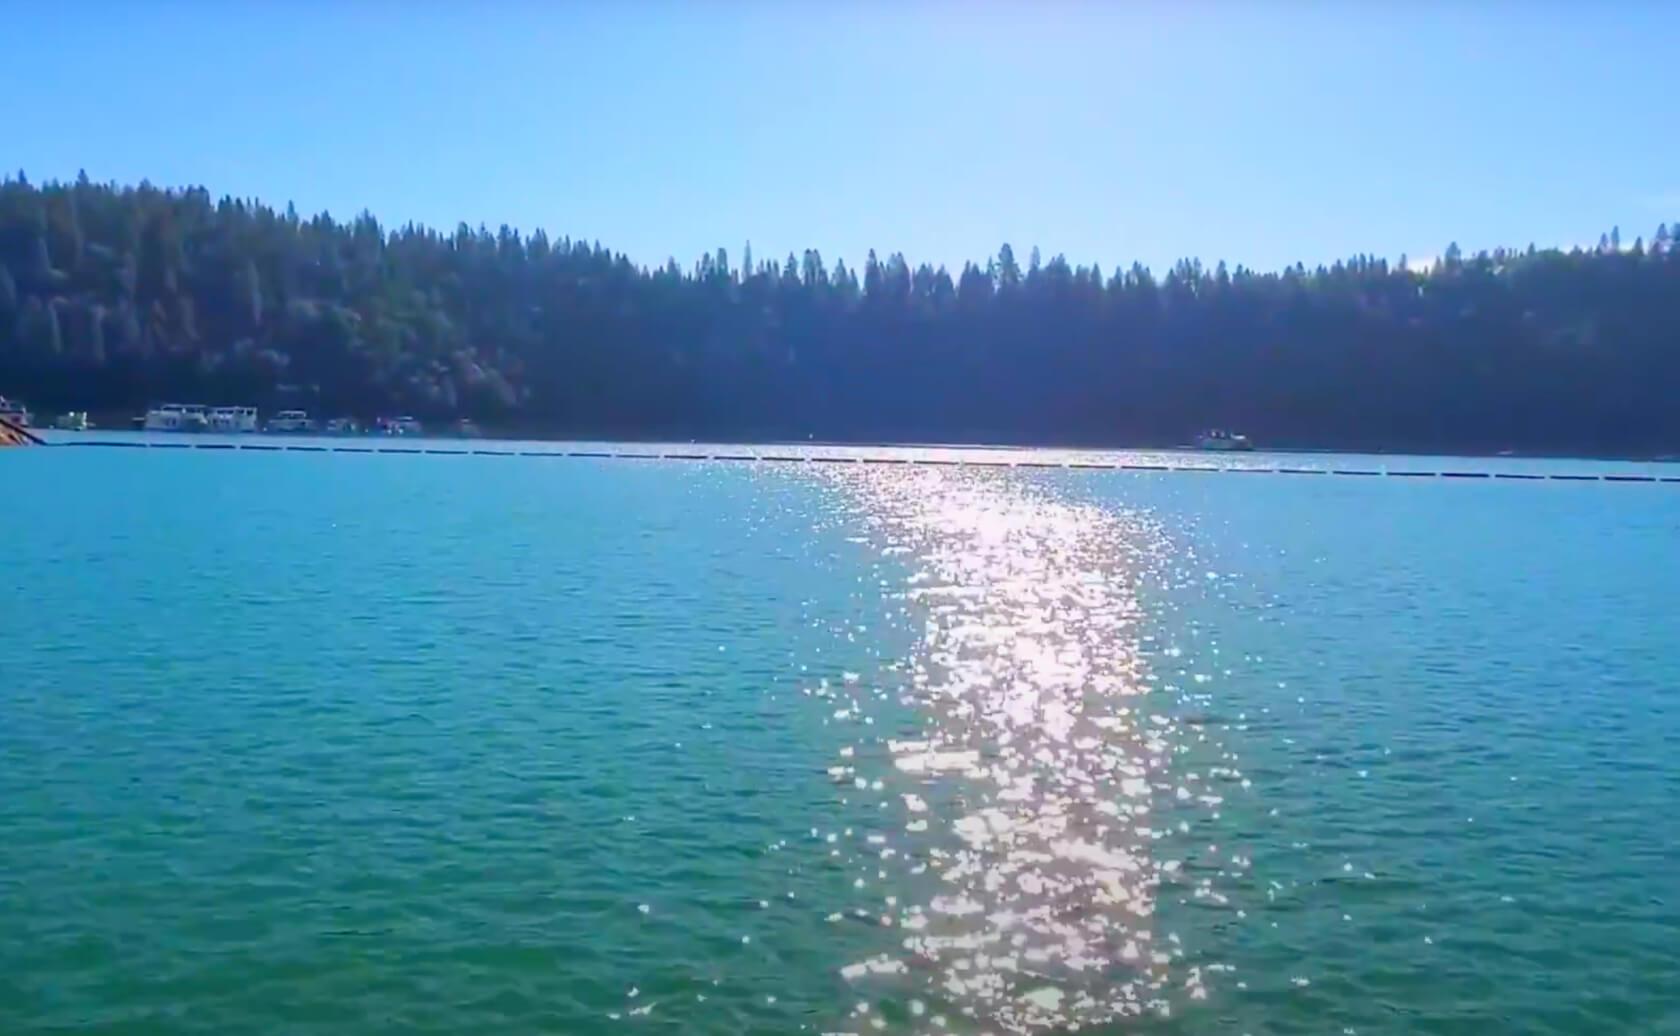 New-Bullards-Bar-Reservoir-Lake-Fishing-Guide-Report-California-09